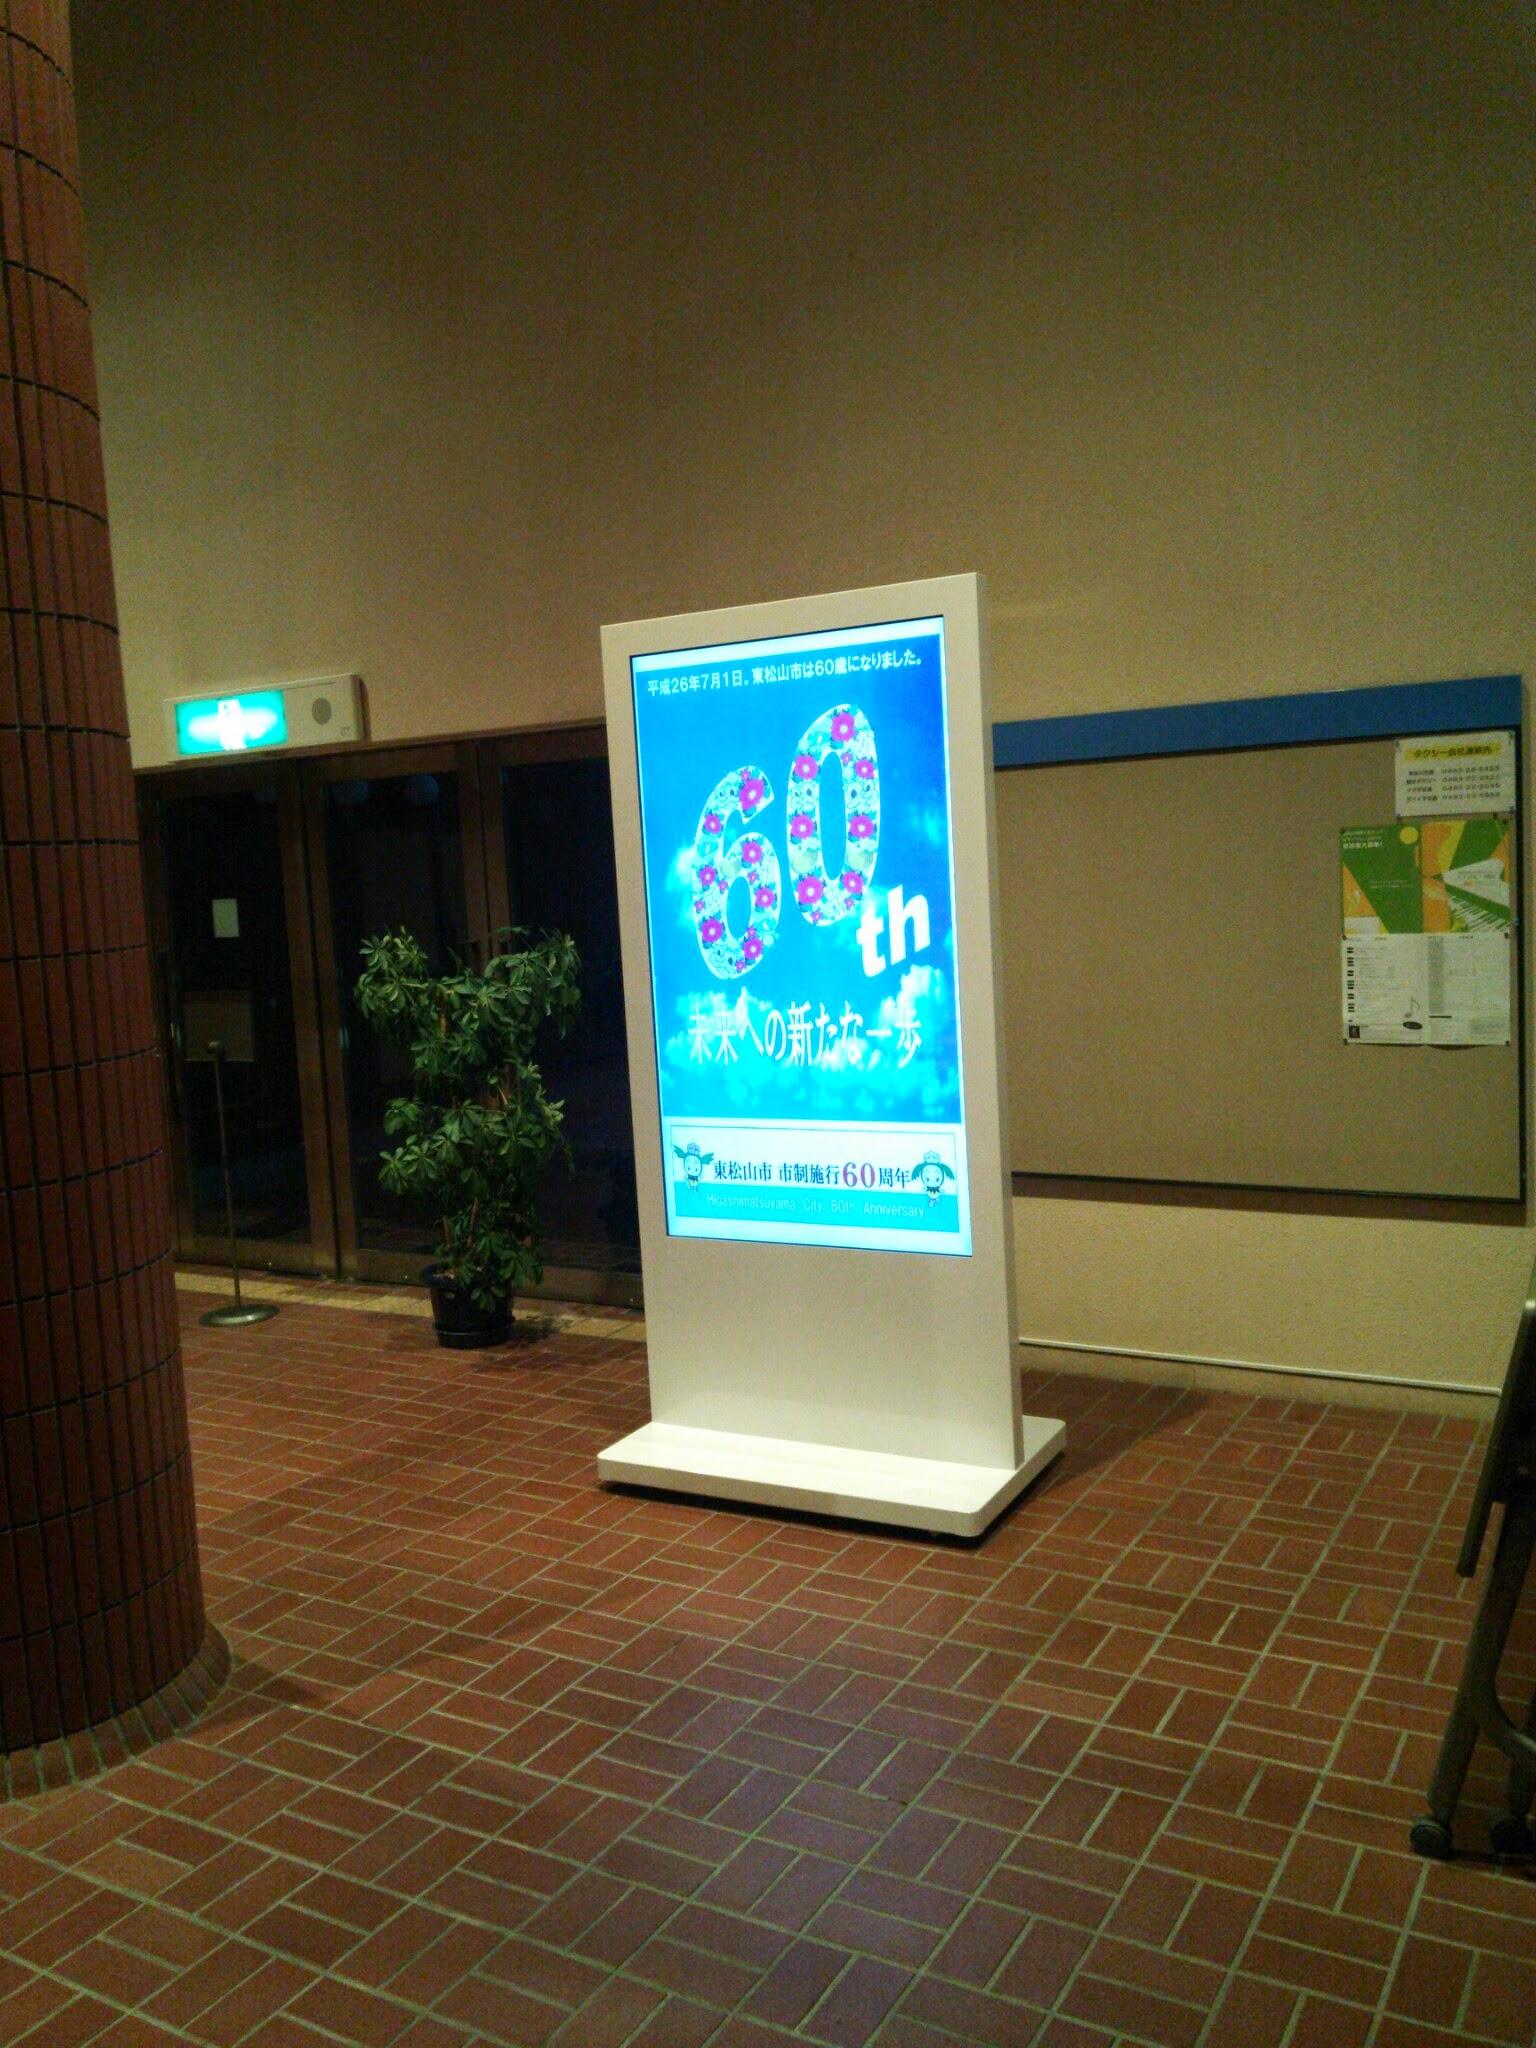 設置事例 デジタルサイネージ 70インチ スタンド 施設設置 事例